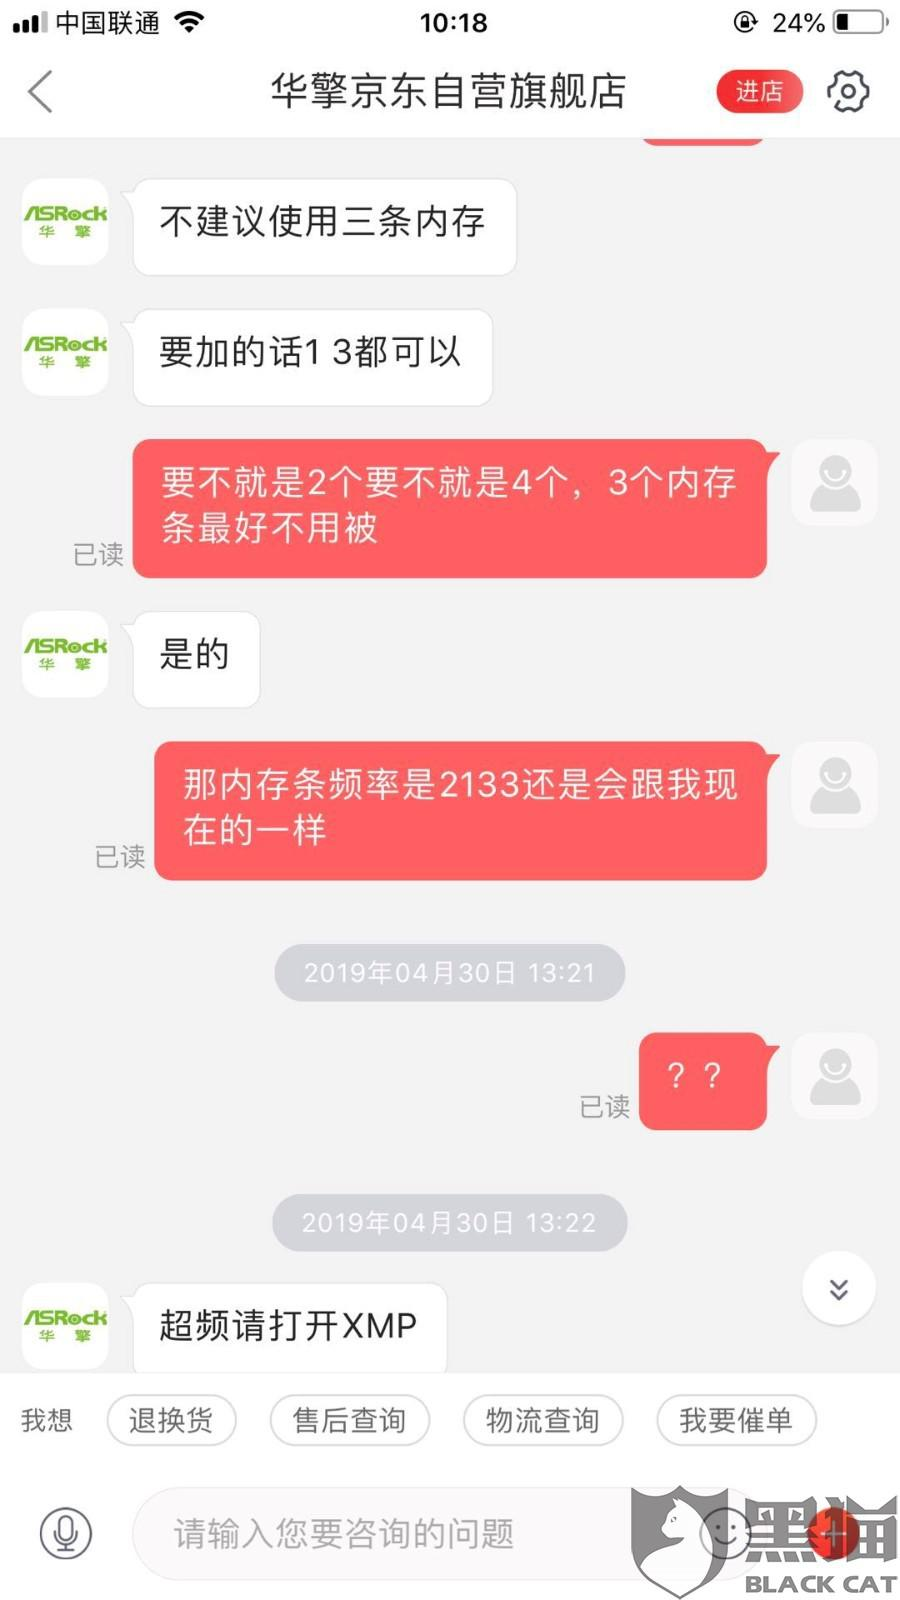 黑猫投诉:在京东买的电脑主板有质量问题,拒绝退货处理(已解决